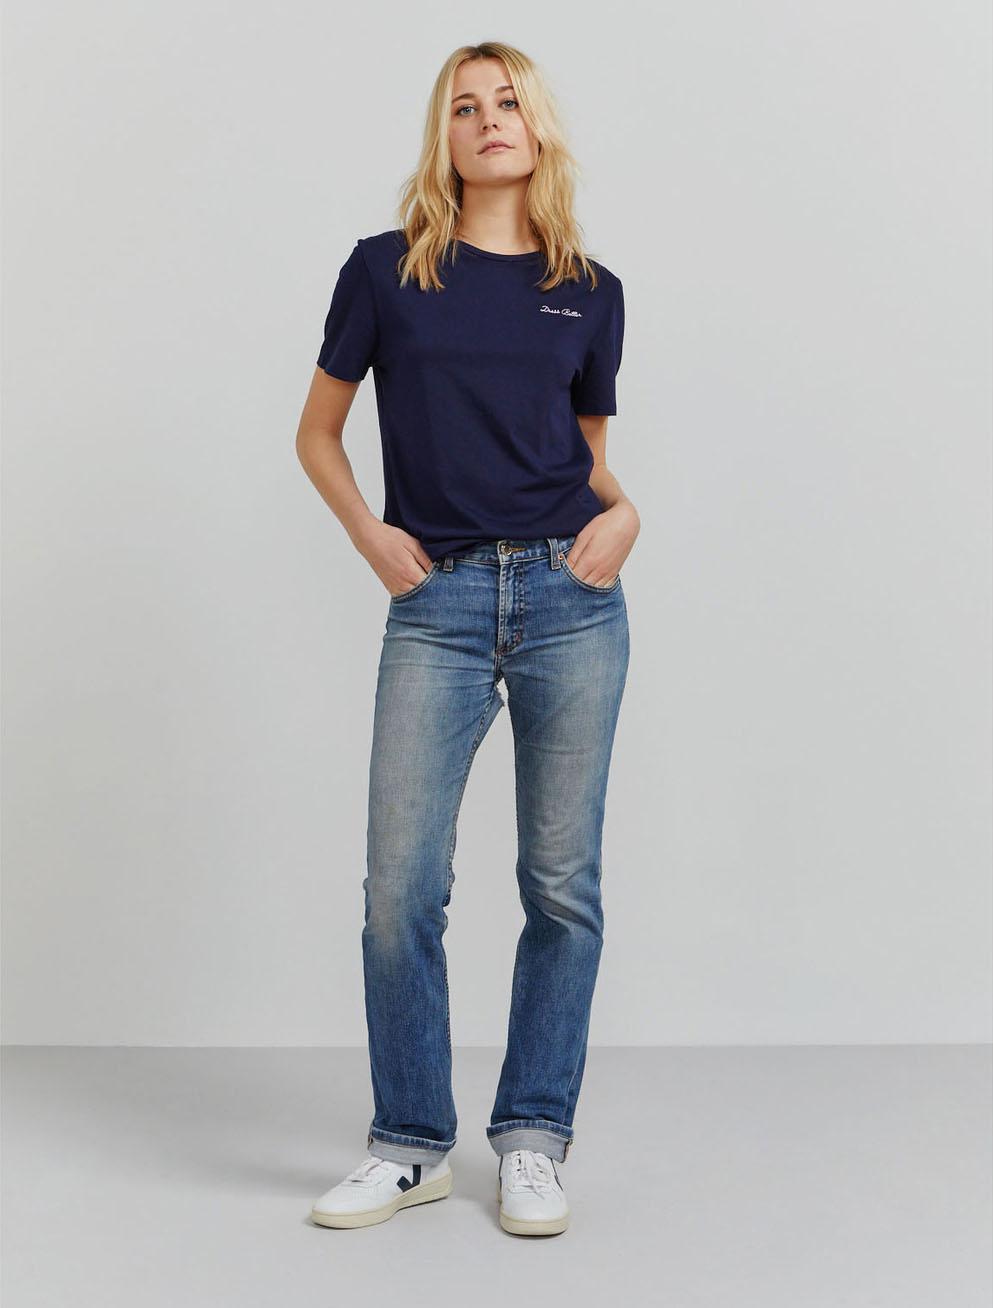 Organic cotton Dress Better T-shirt